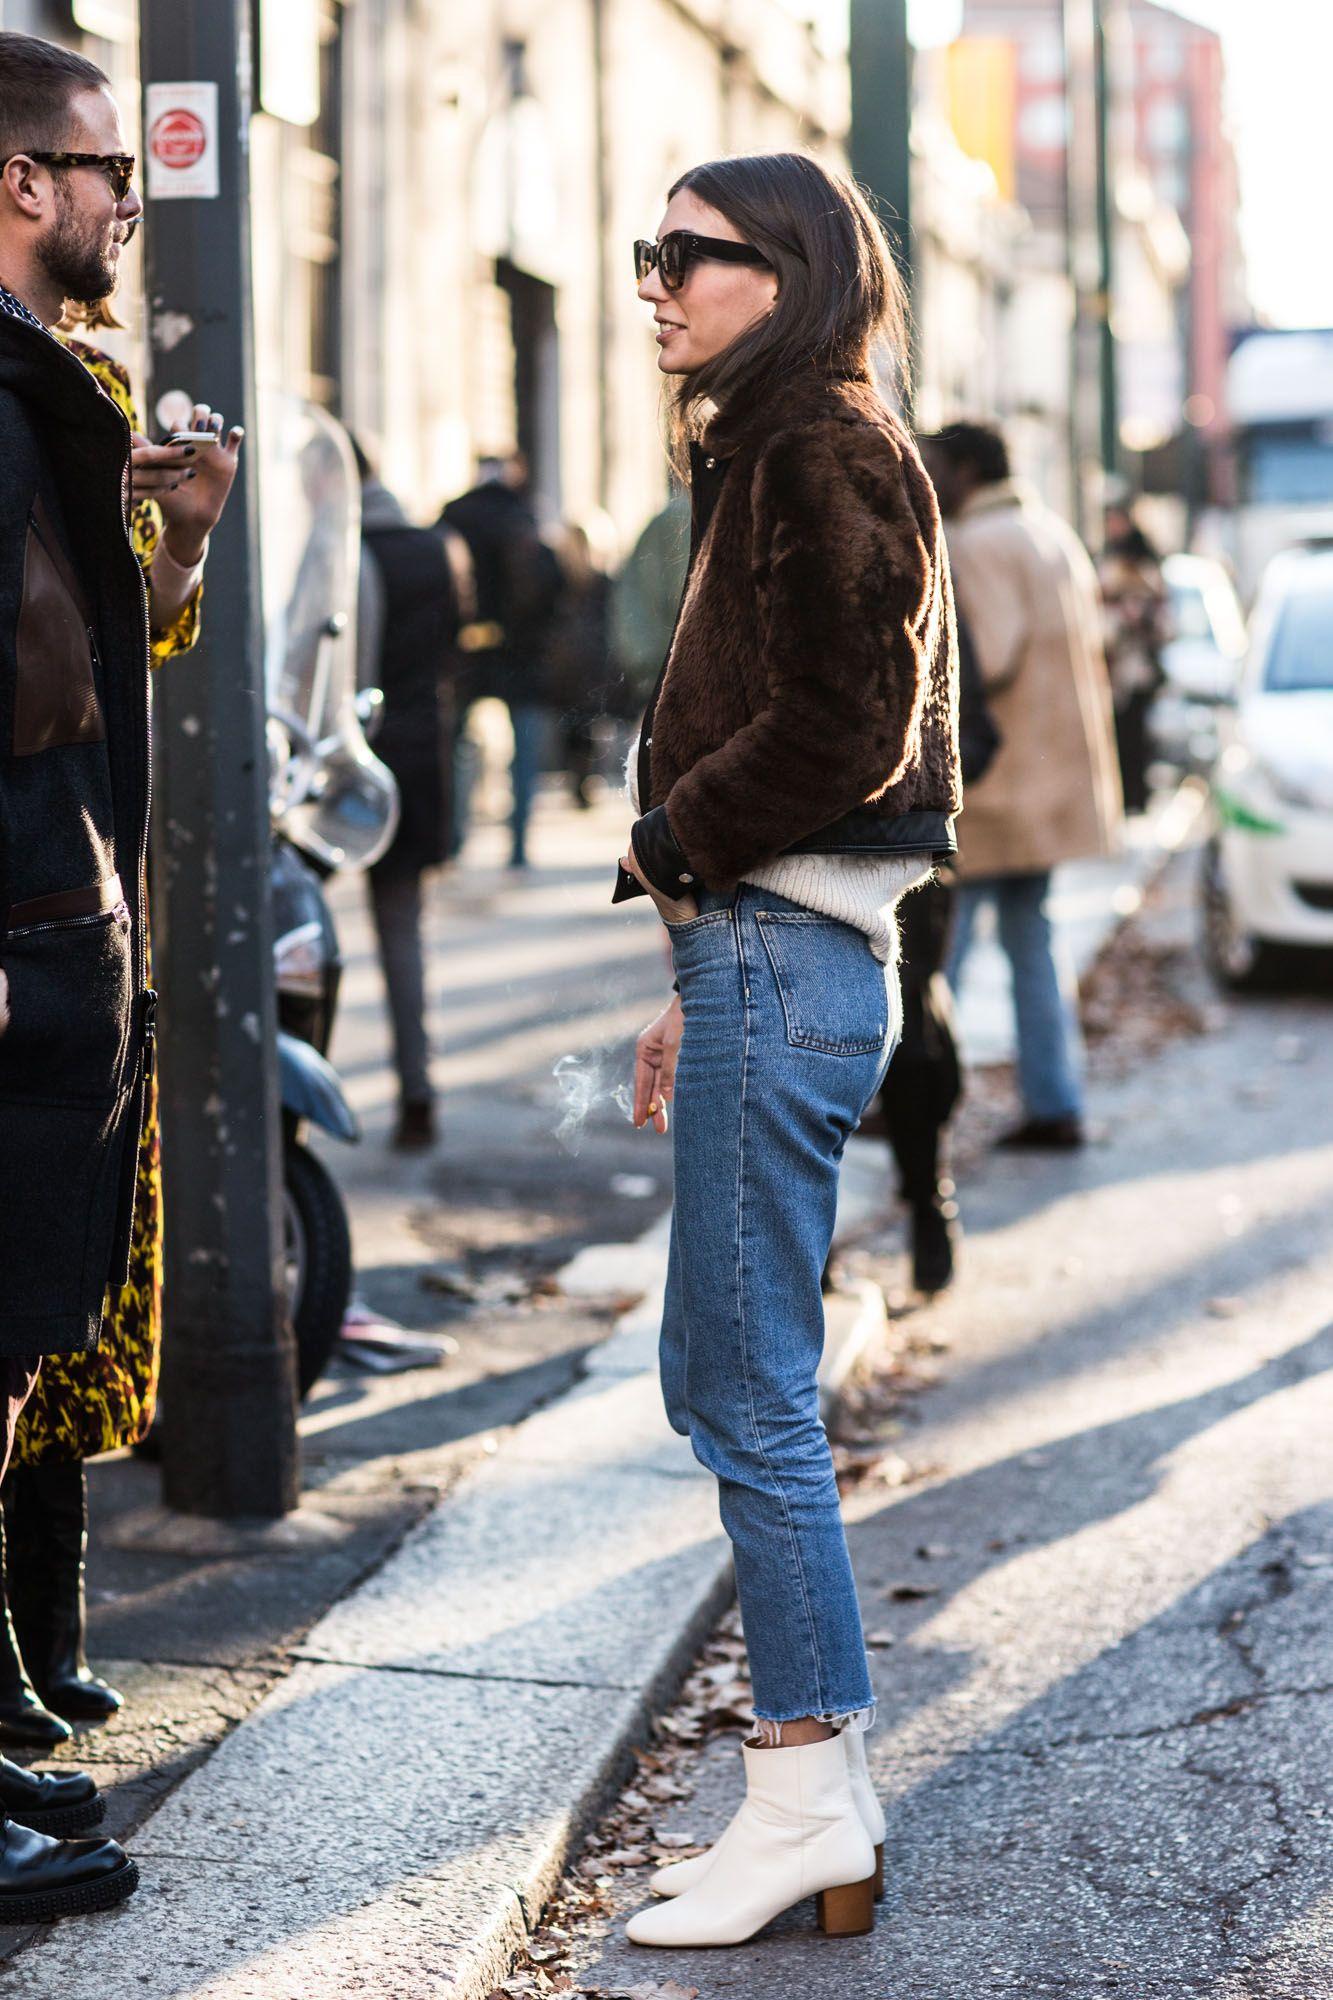 Milan Men's Fashionweek gallery – Sandra Semburg